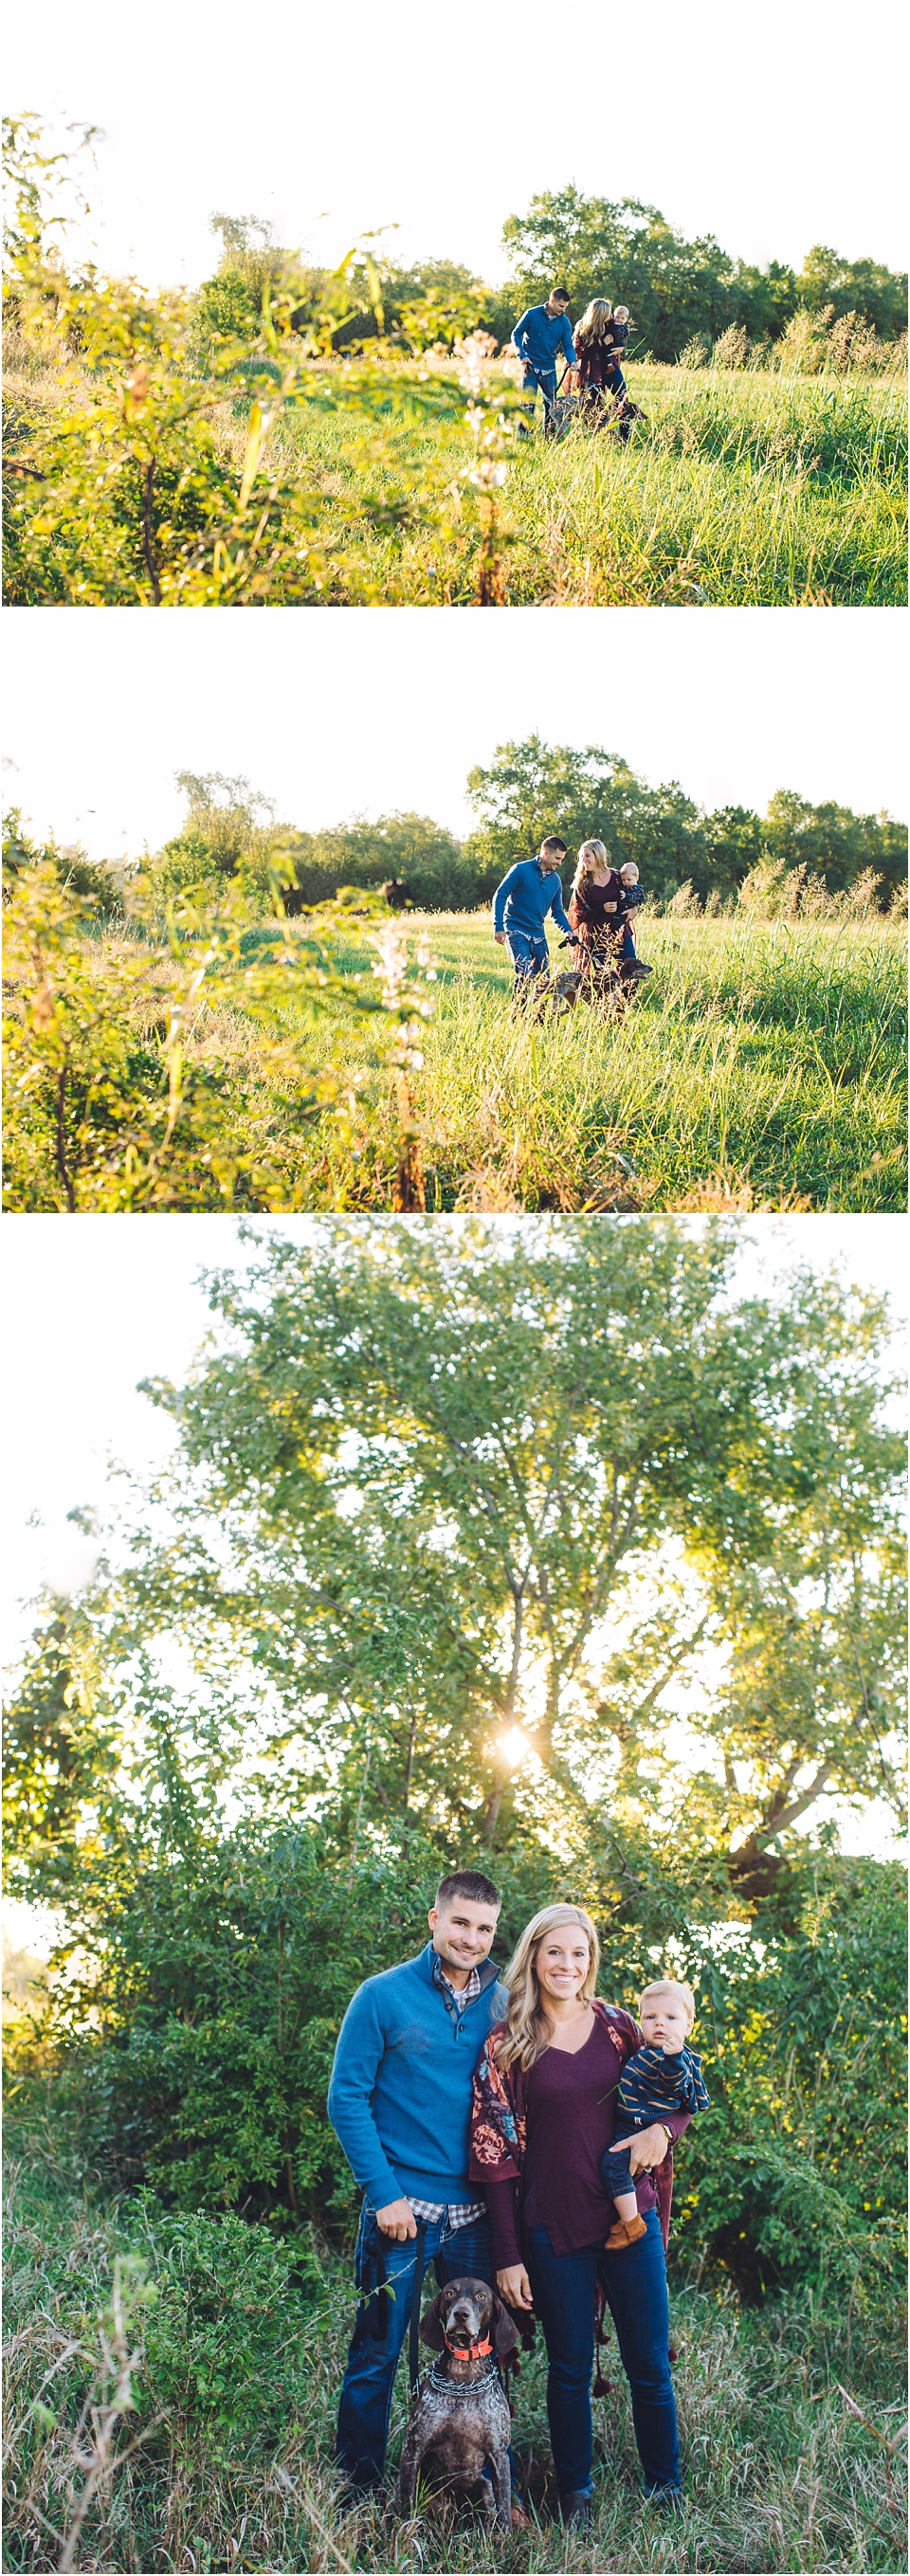 kansascitybestfamilyphotographer_0008